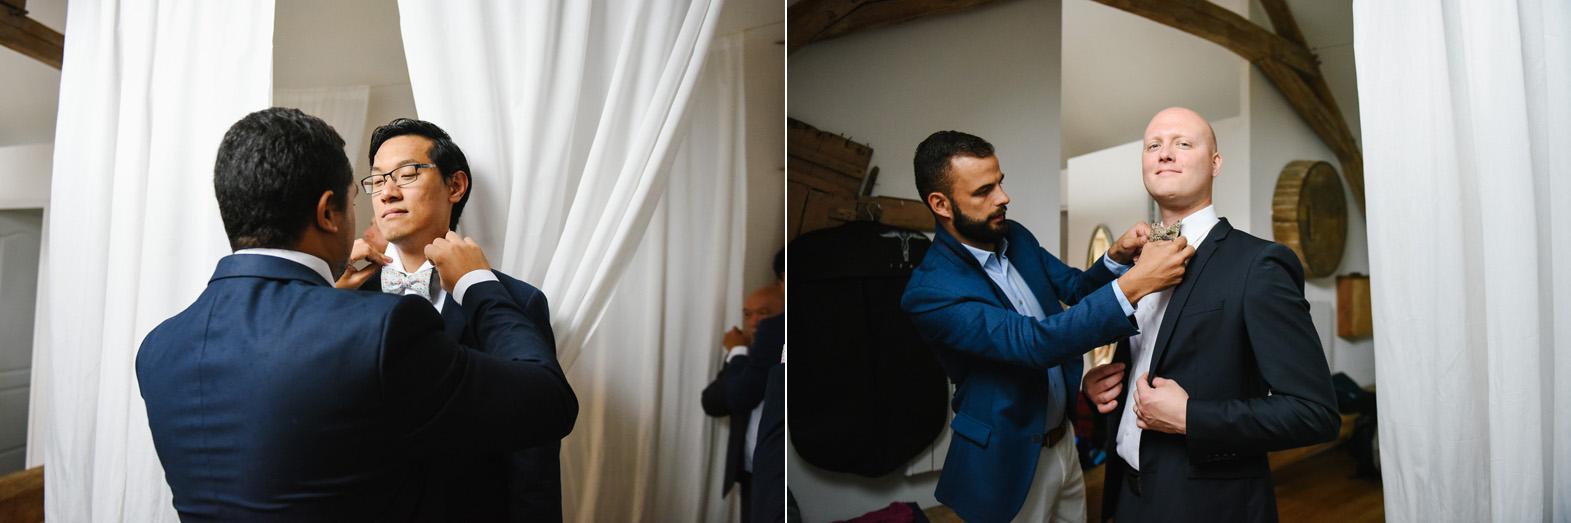 mariage_LW_domaine de la Pepiniere_seine-et-marne_77_photographie_clemence_dubois MEP3